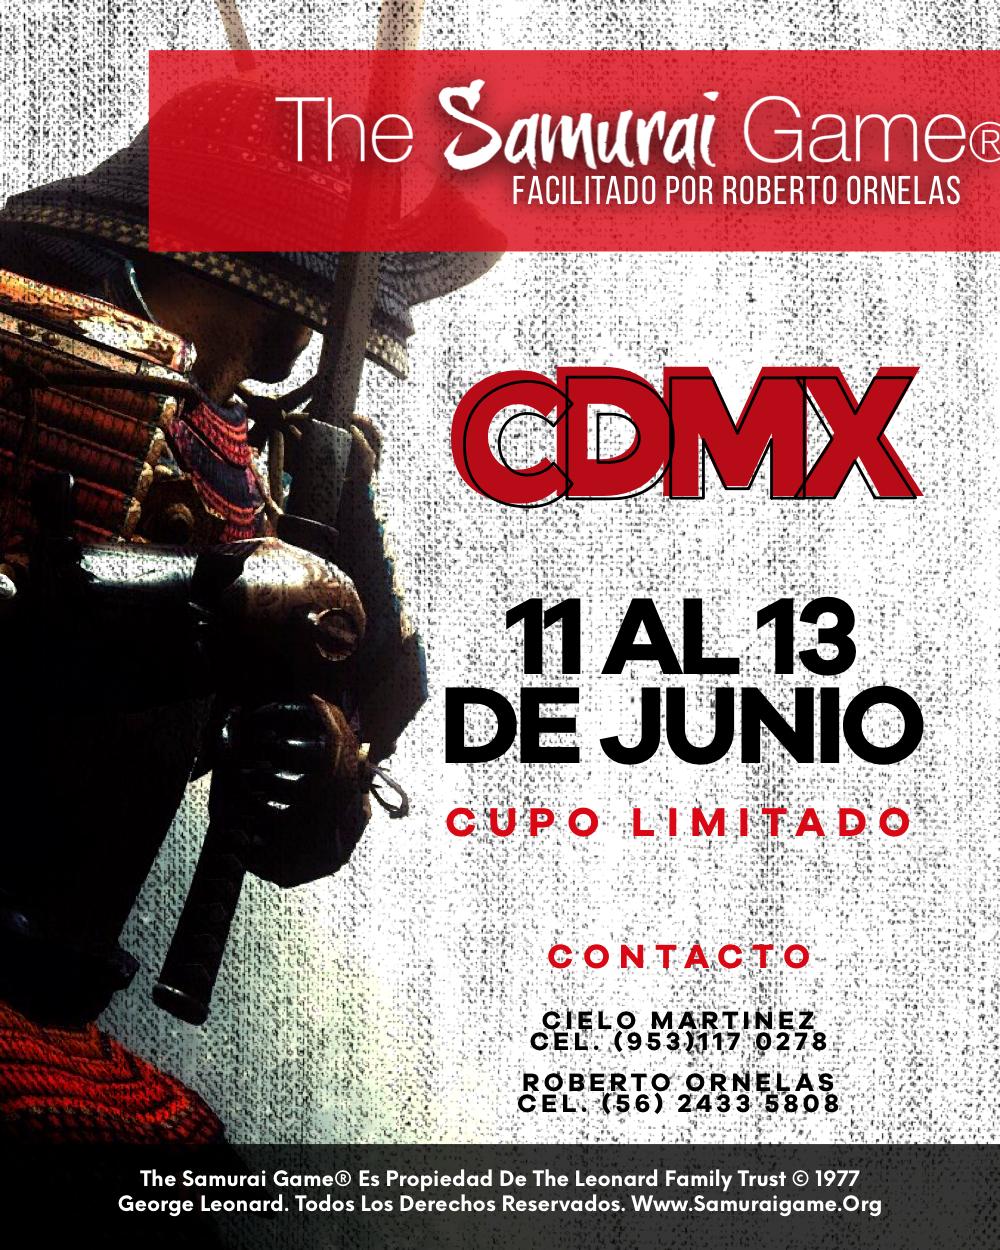 Samurai Game - CDMX